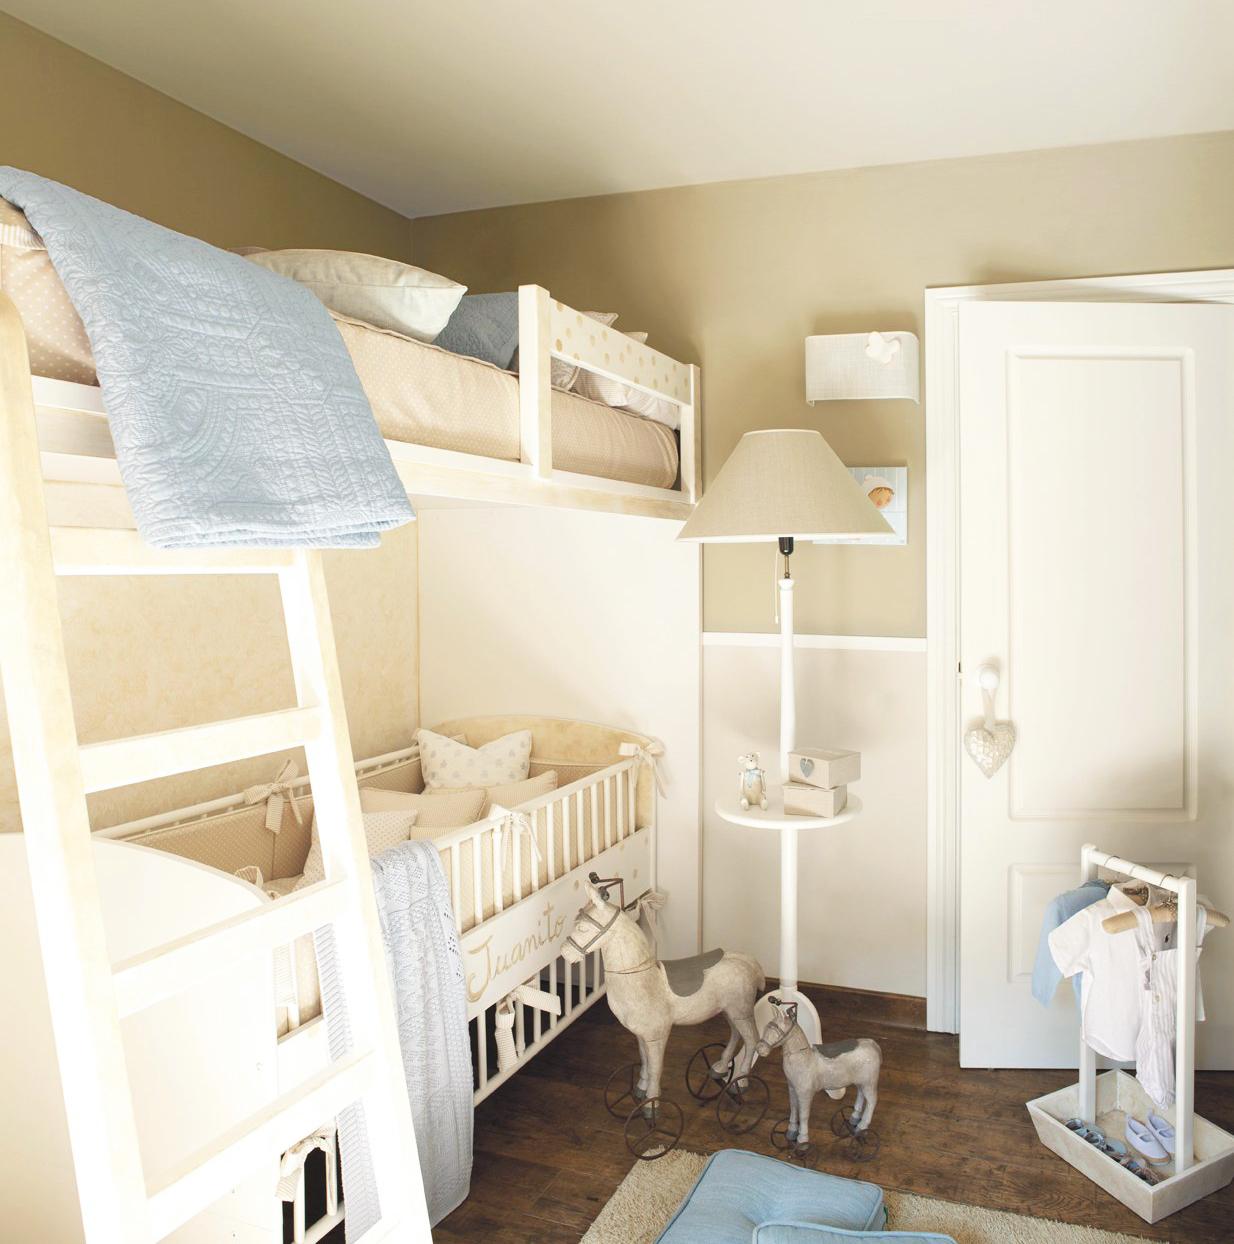 детская для двоих детей в маленькой комнате